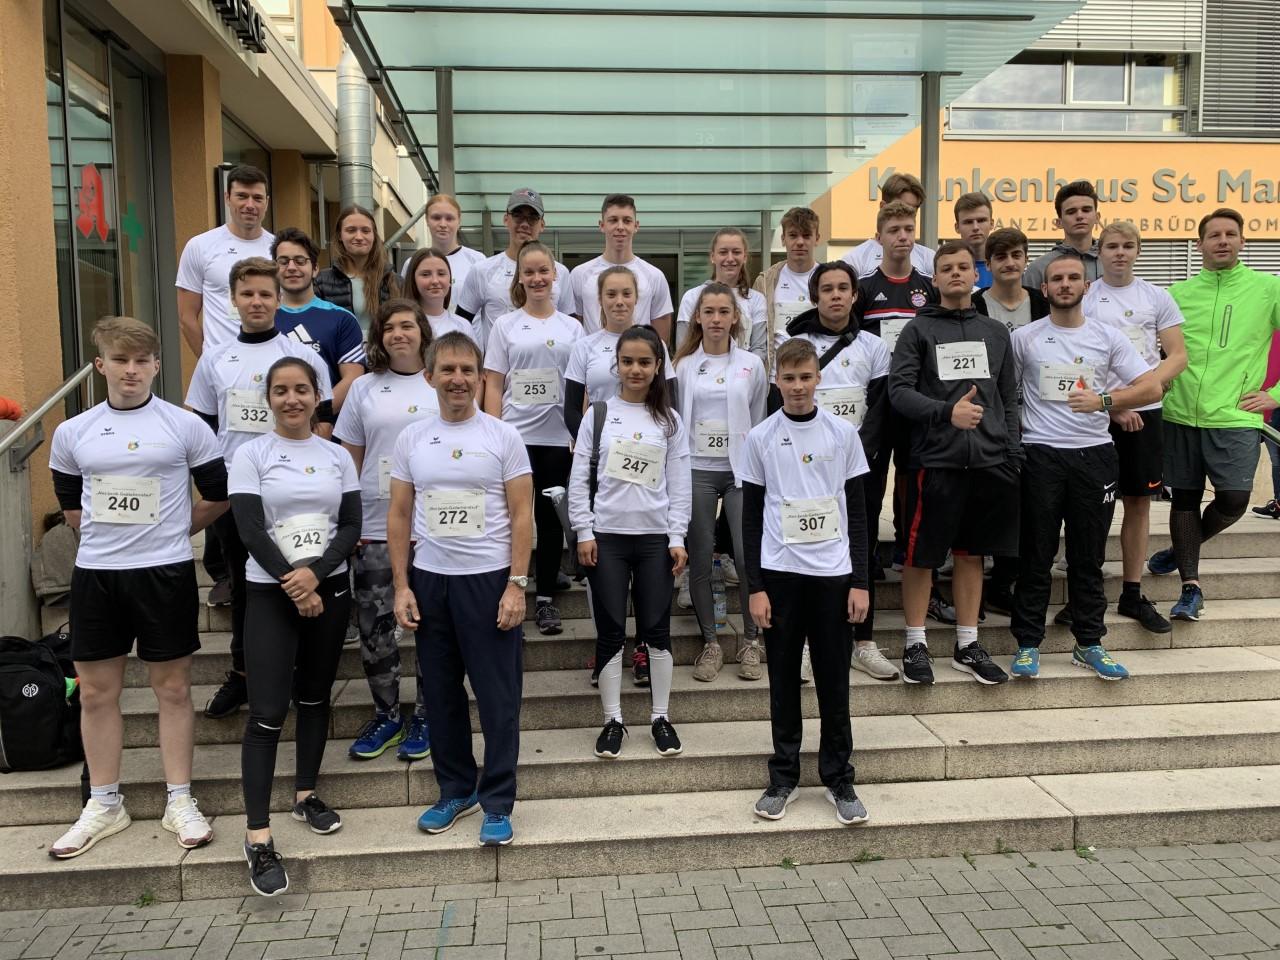 IGS Sophie Sondhelm war am 13.10.2019 als größte Teilnehmergruppe beim 13. Marienwörther Benefizlauf vertreten